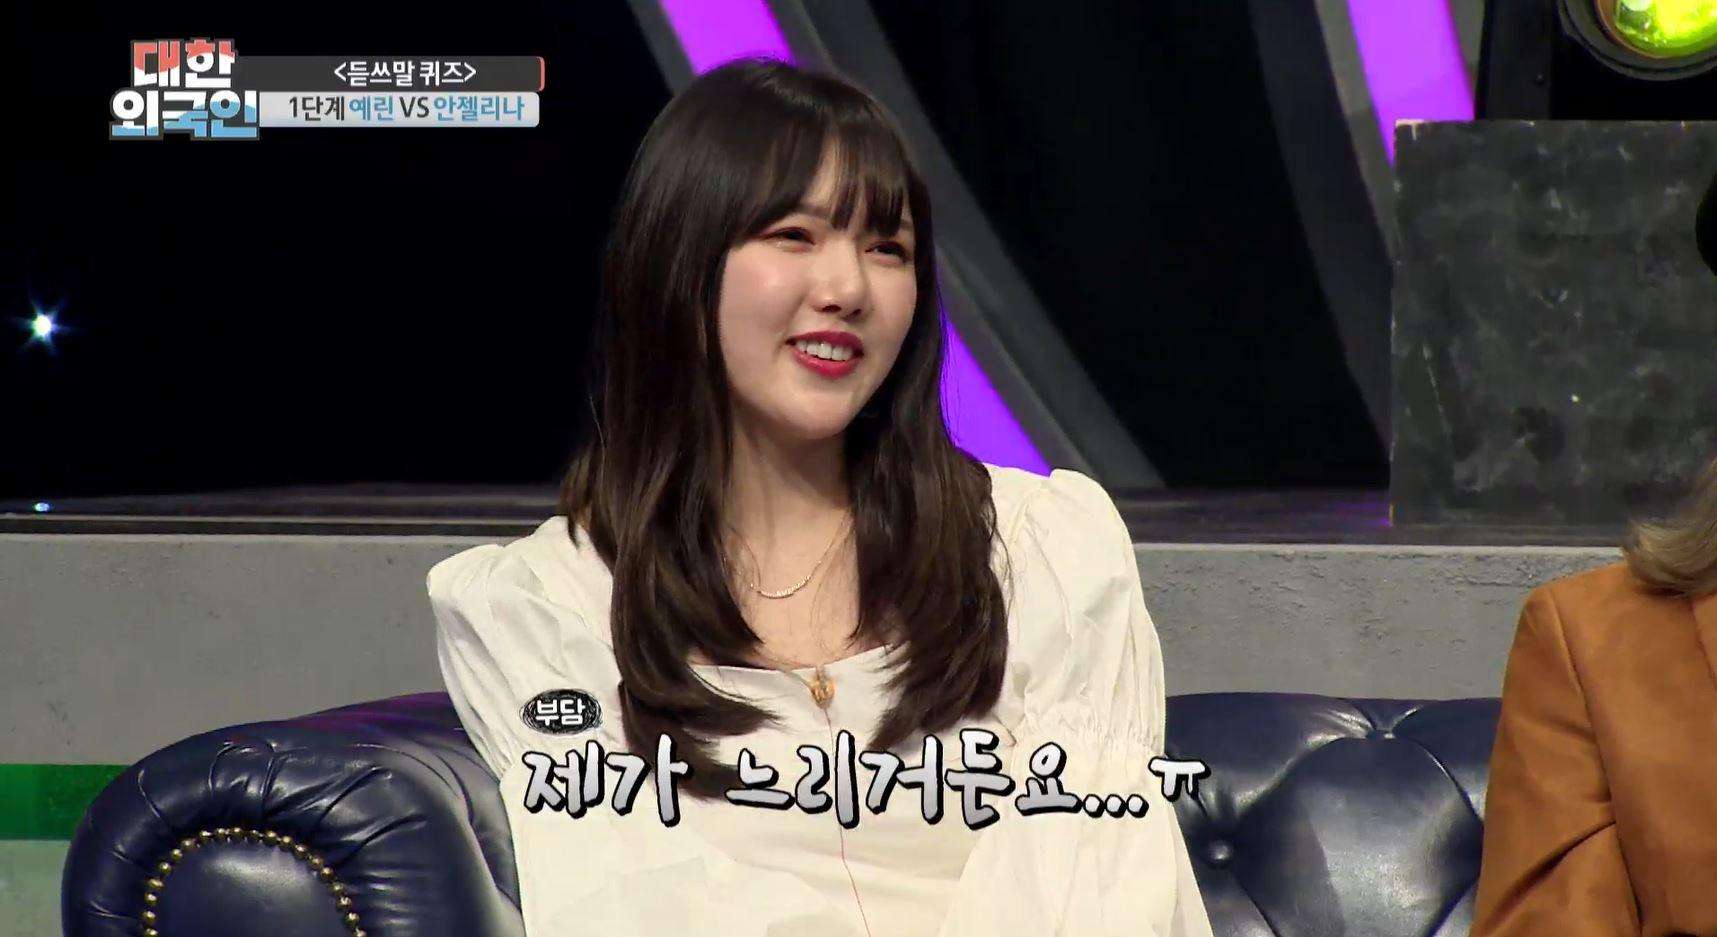 여자친구 예린, '대한외국인'서 모에카와 막춤 대결! 삼촌 팬들 열광